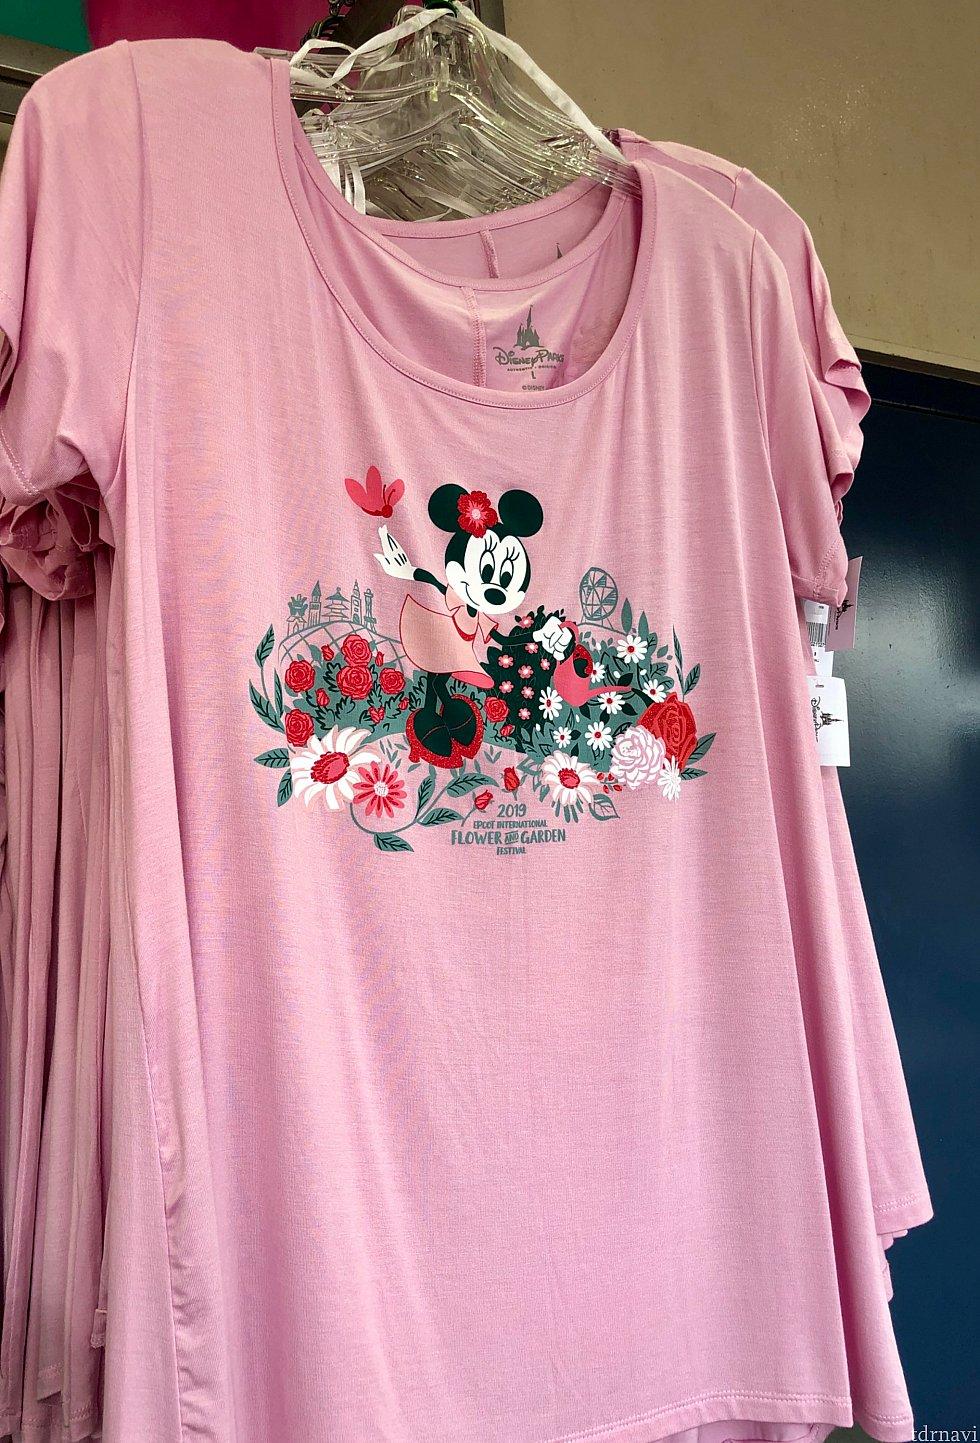 イベントミッキーグッズとは違い、ポップでモダン系のミニー。こちらのTシャツは$34.99。